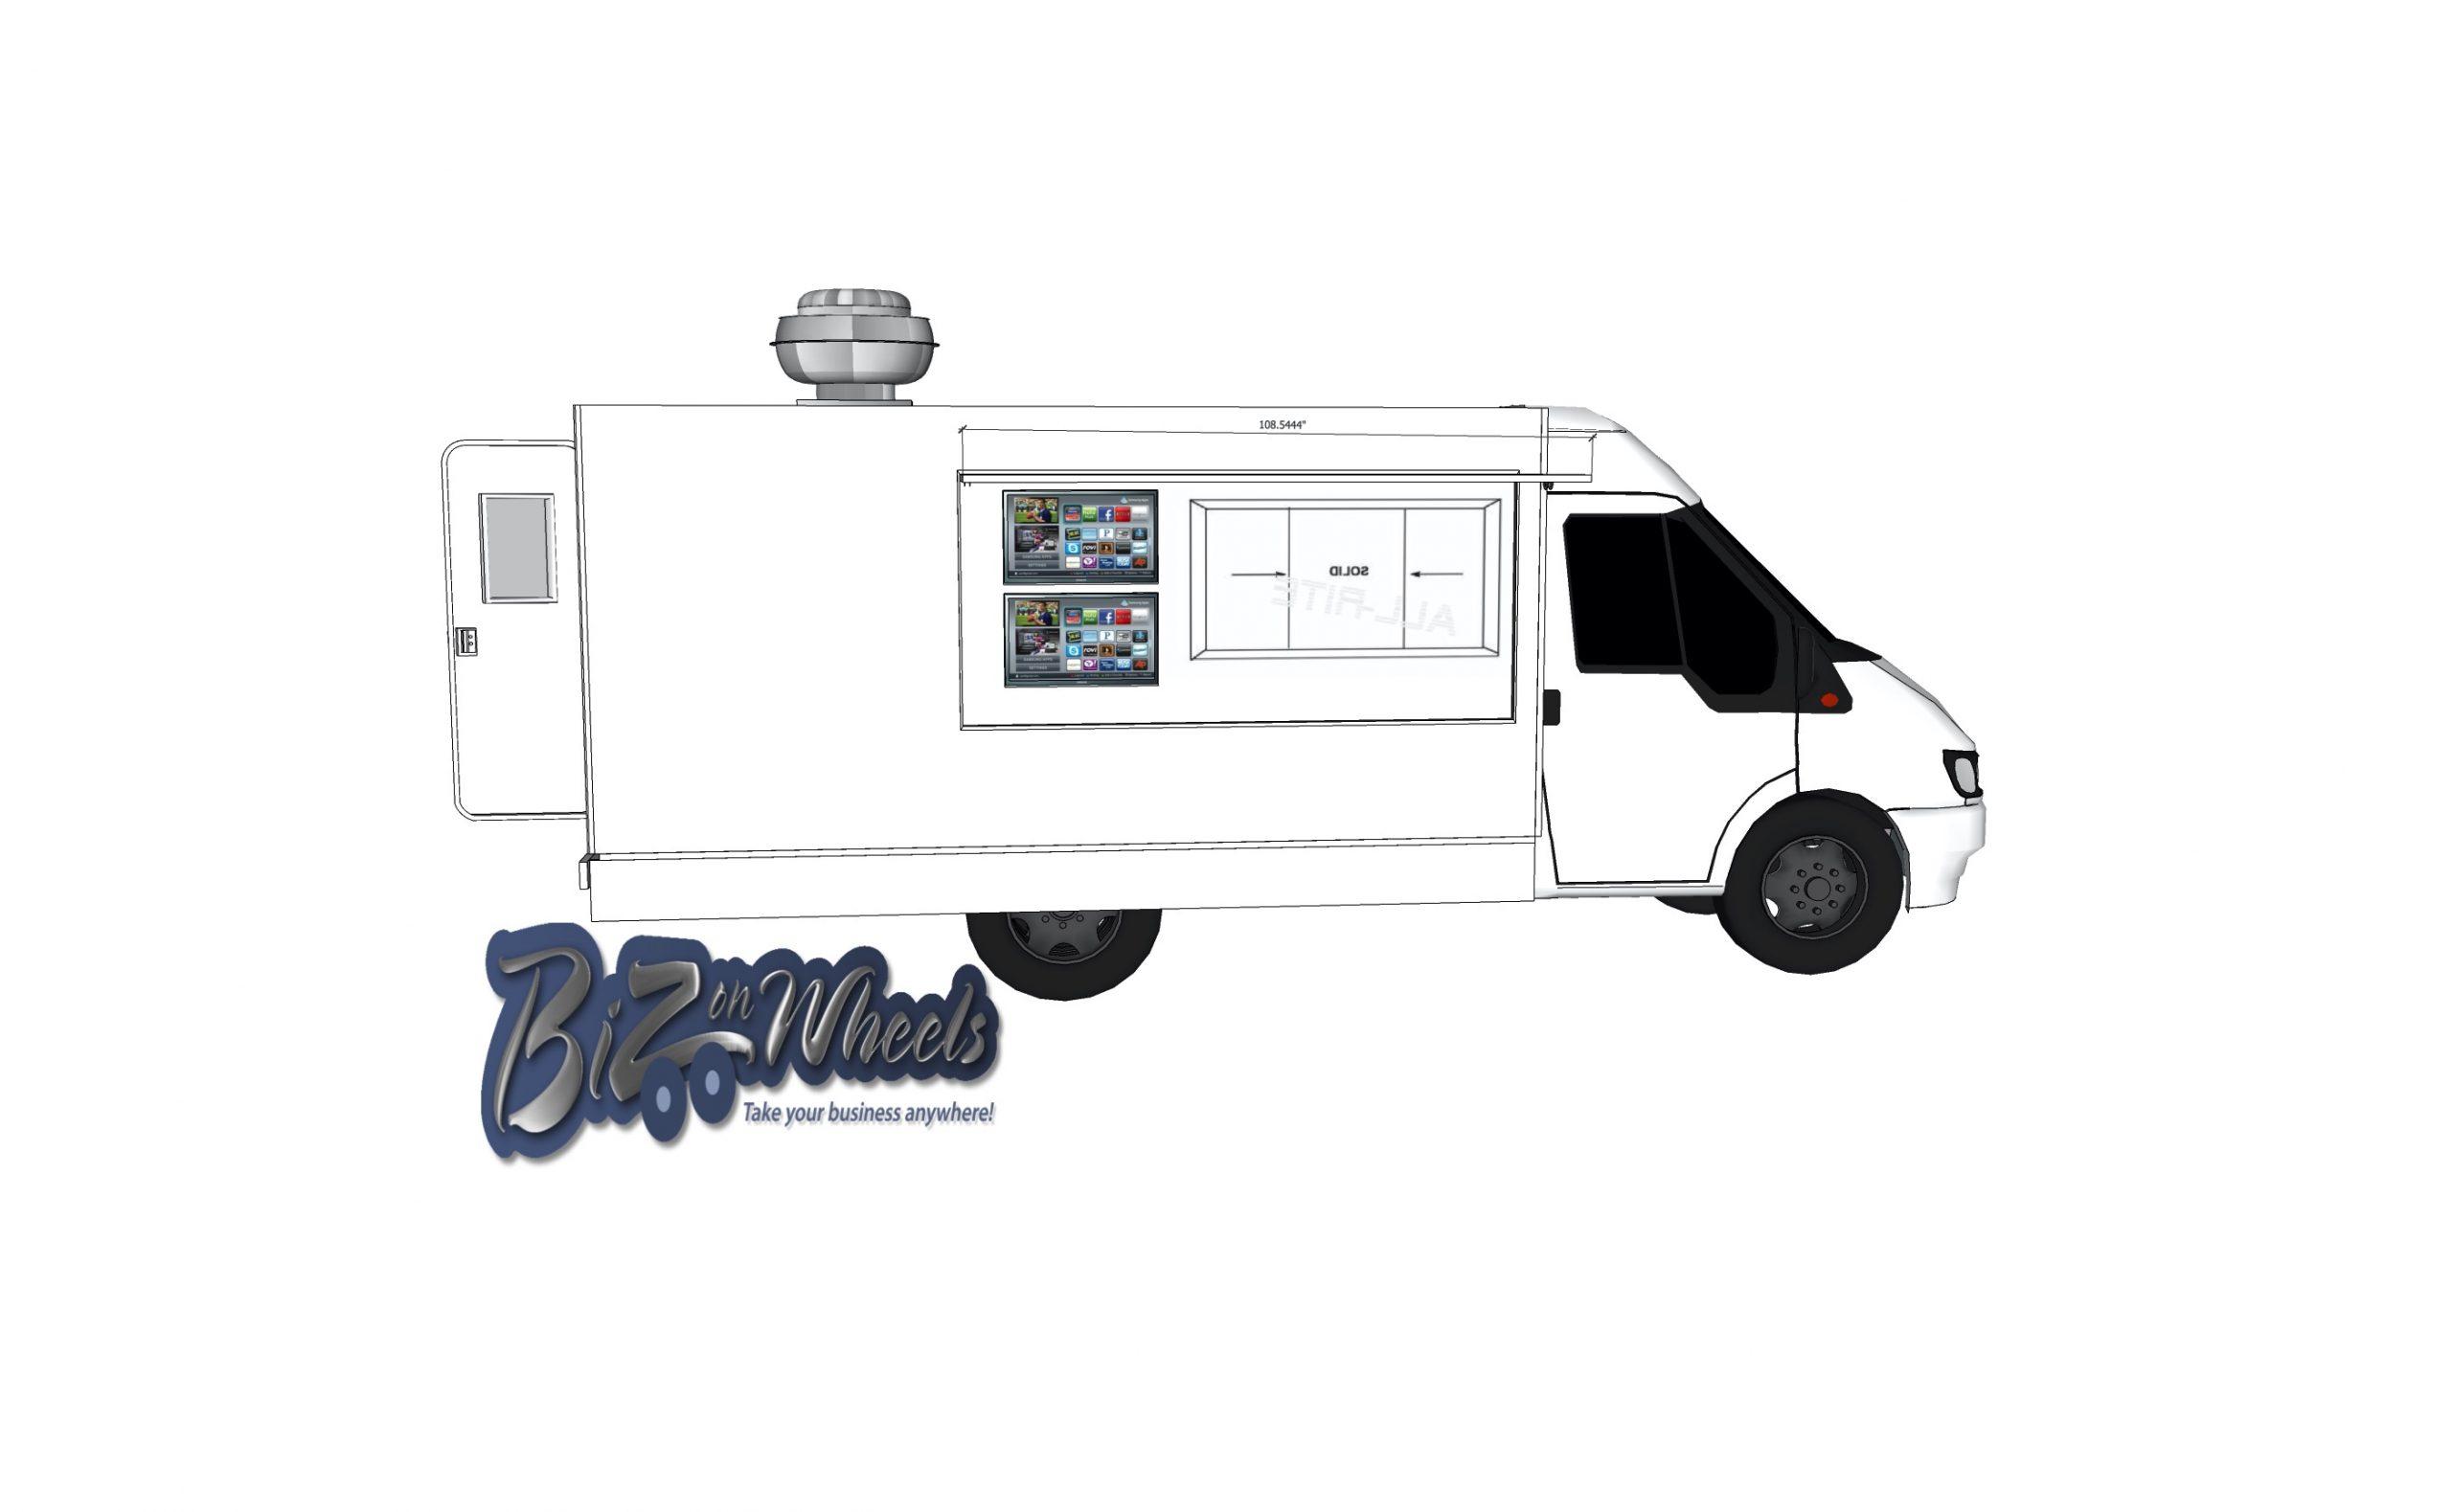 NUEVO 2020 Cutaway Food Van